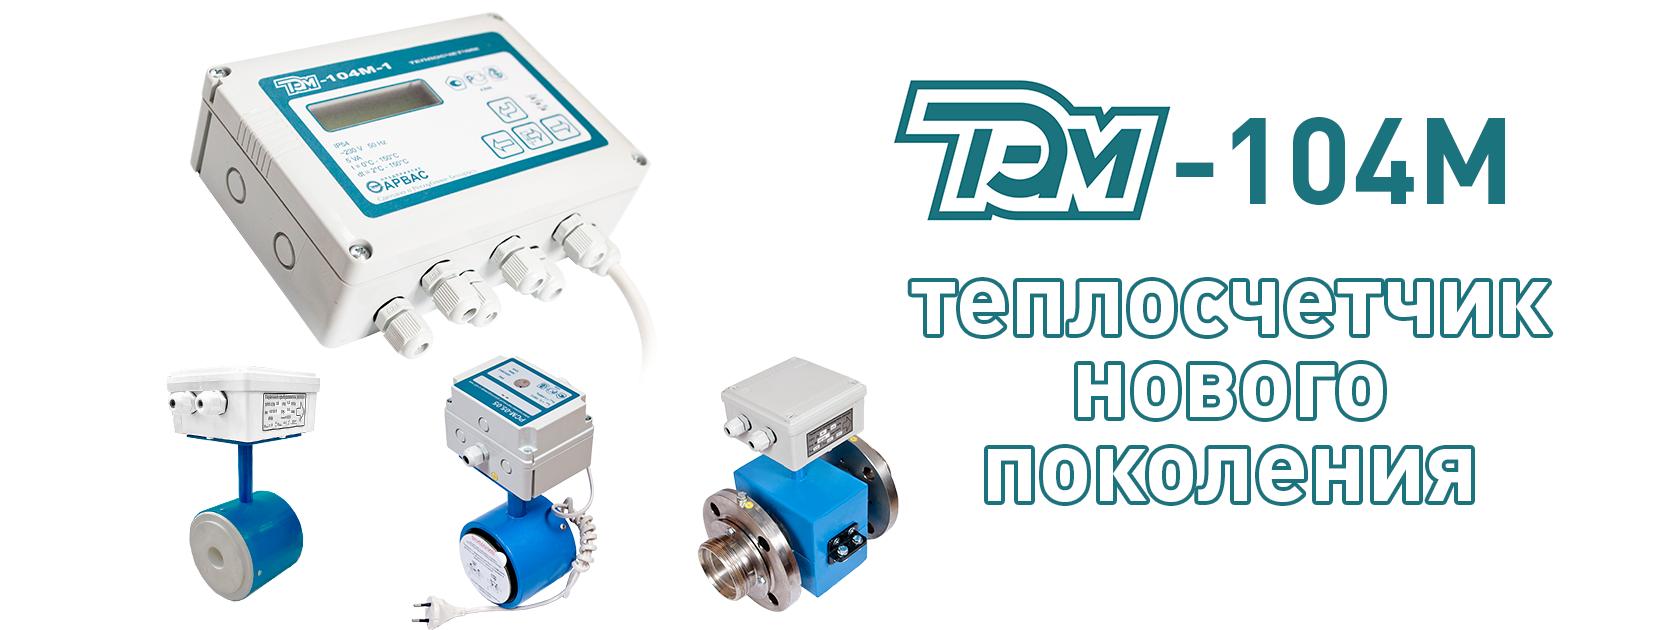 лого: Теплосчетчик ТЭМ-104М